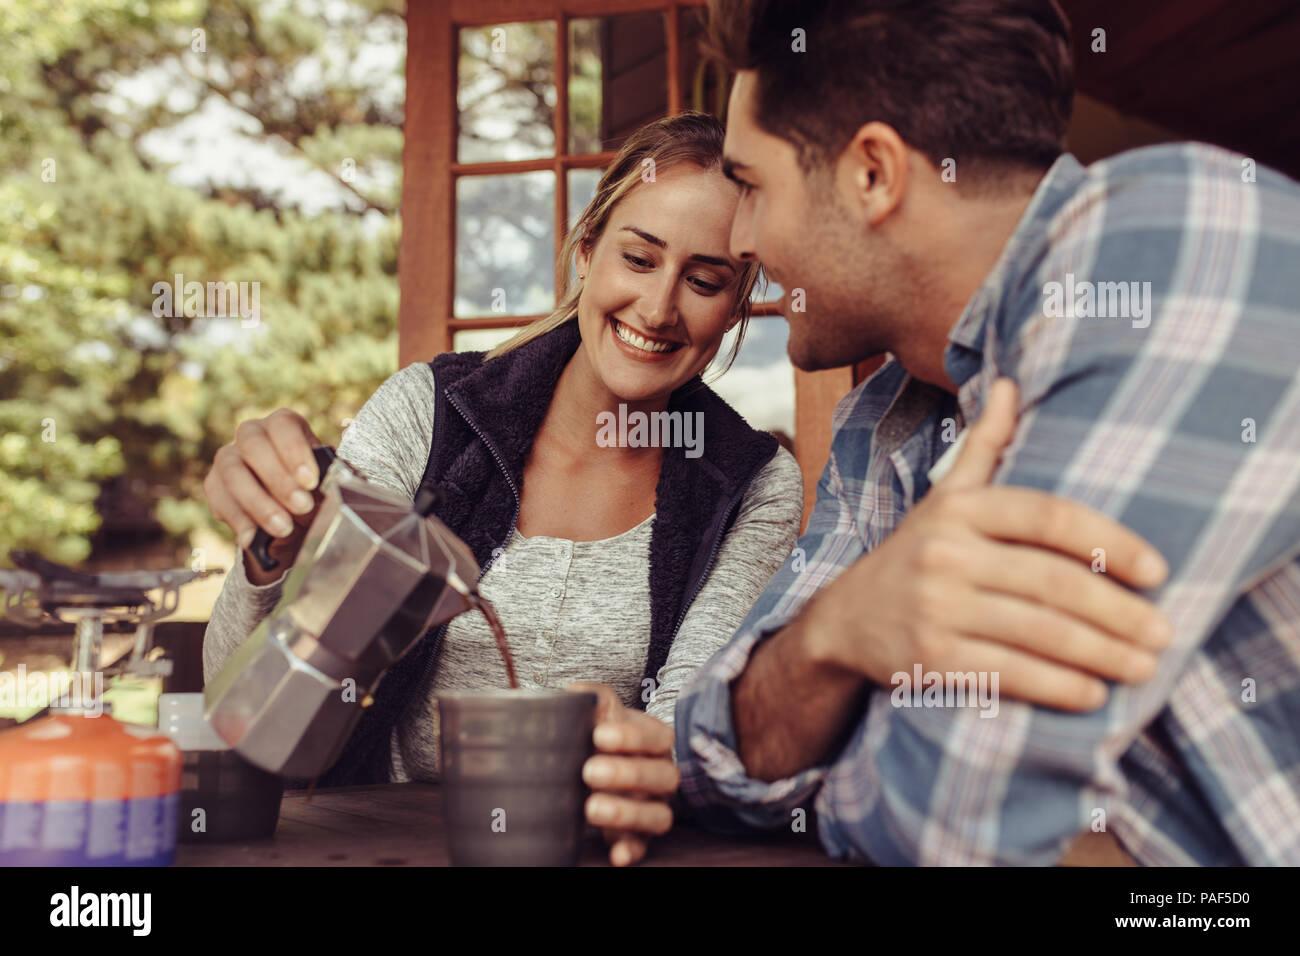 Glückliche junge Frau Kaffee zu ihrem Freund. Paar Kaffee am Morgen. Frau gießen Kaffee in die Tasse von ihrem Freund. Stockbild